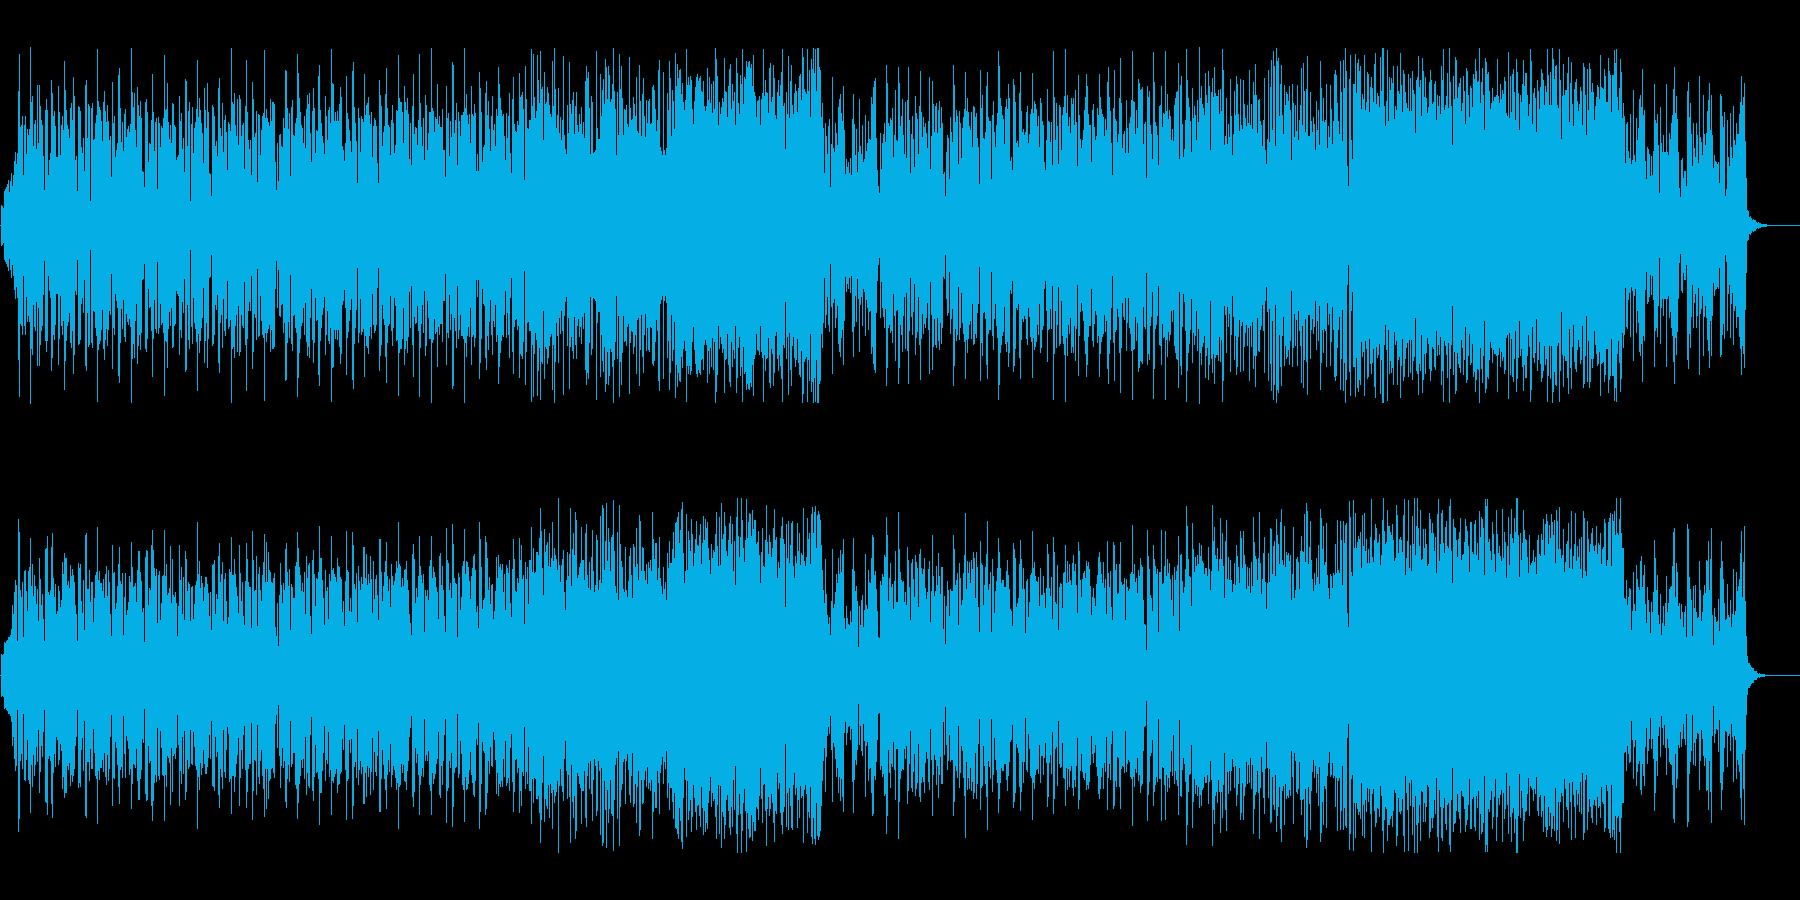 近未来風でスケール感あるテクノ系ダンス曲の再生済みの波形